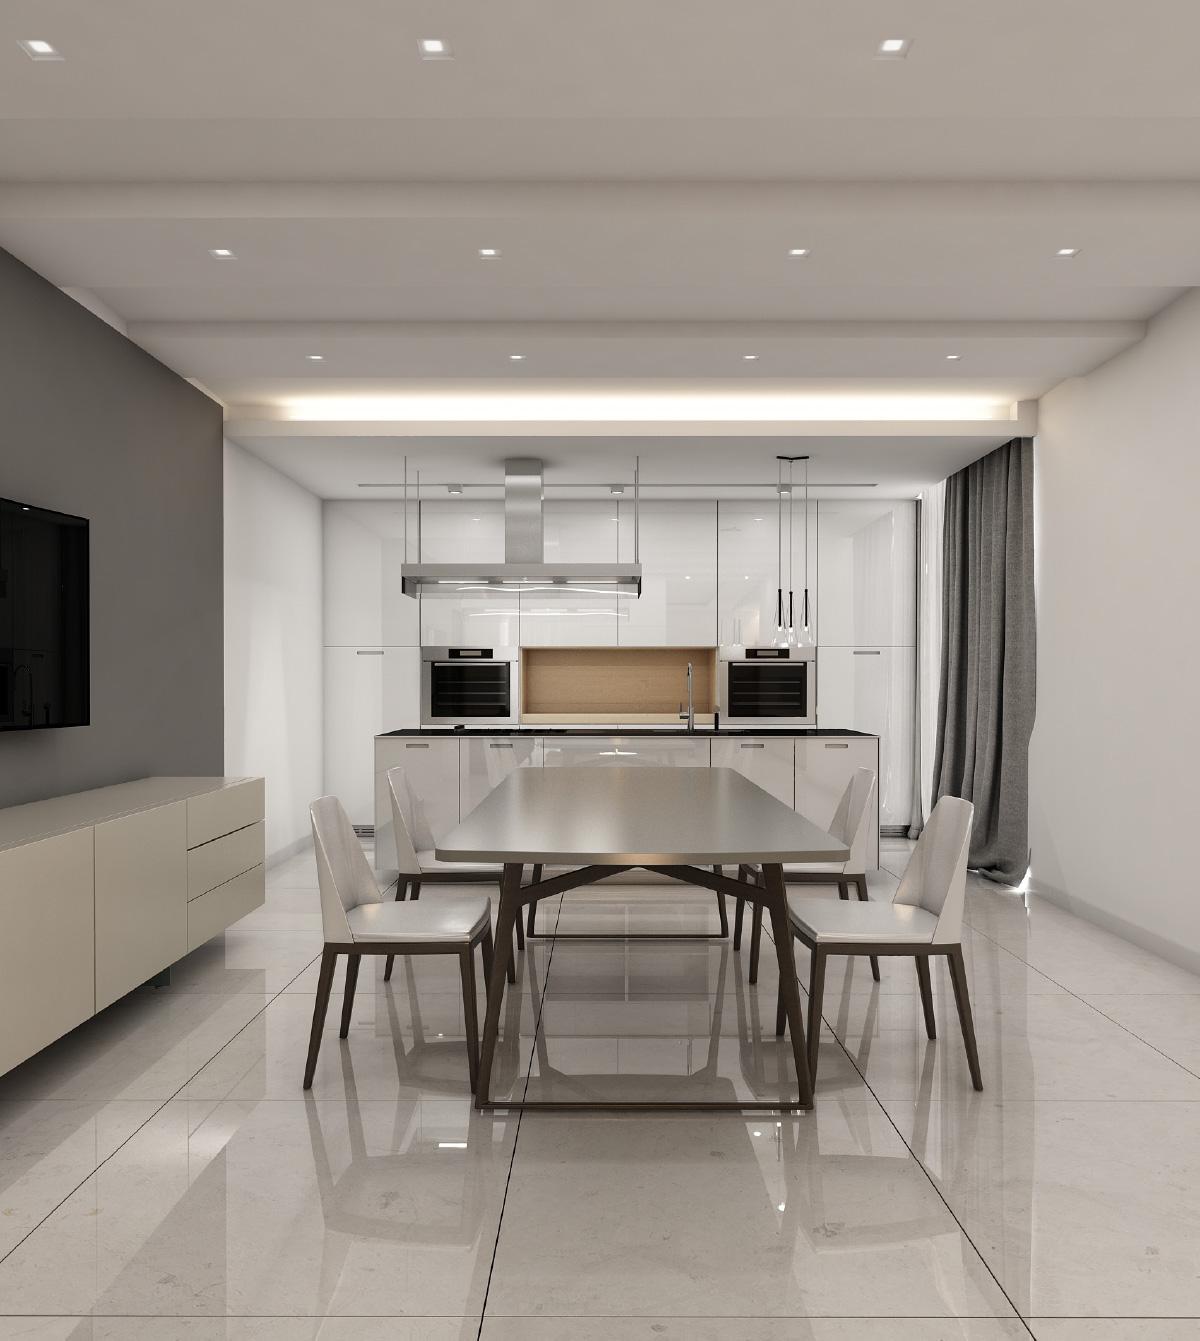 interior_1_3